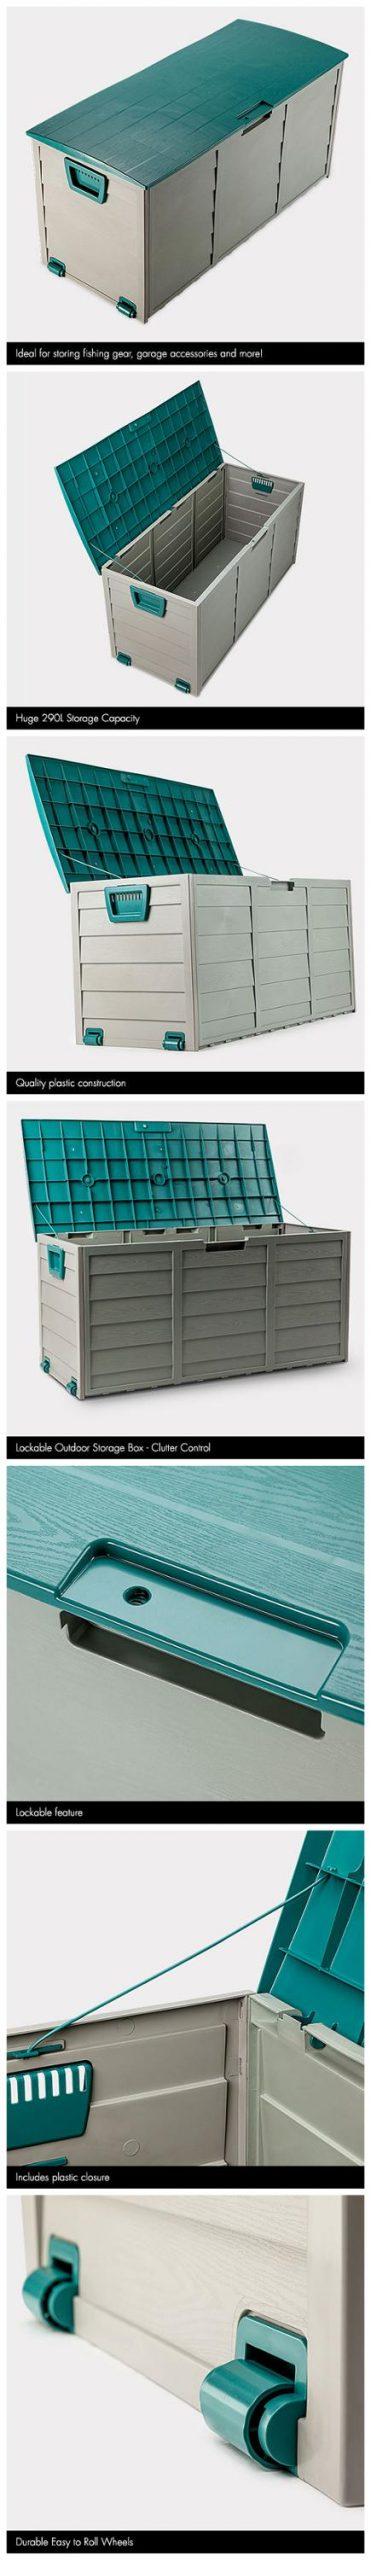 Full Size of Aufbewahrungsbox Garten Hofer Xxl Ebay Kleinanzeigen Aufbewahrungsboxen Metall Wasserdicht Sunfun Neila Garten Aufbewahrungsbox Aldi Nord Obi 2019 Klein Wert Garten Aufbewahrungsbox Garten